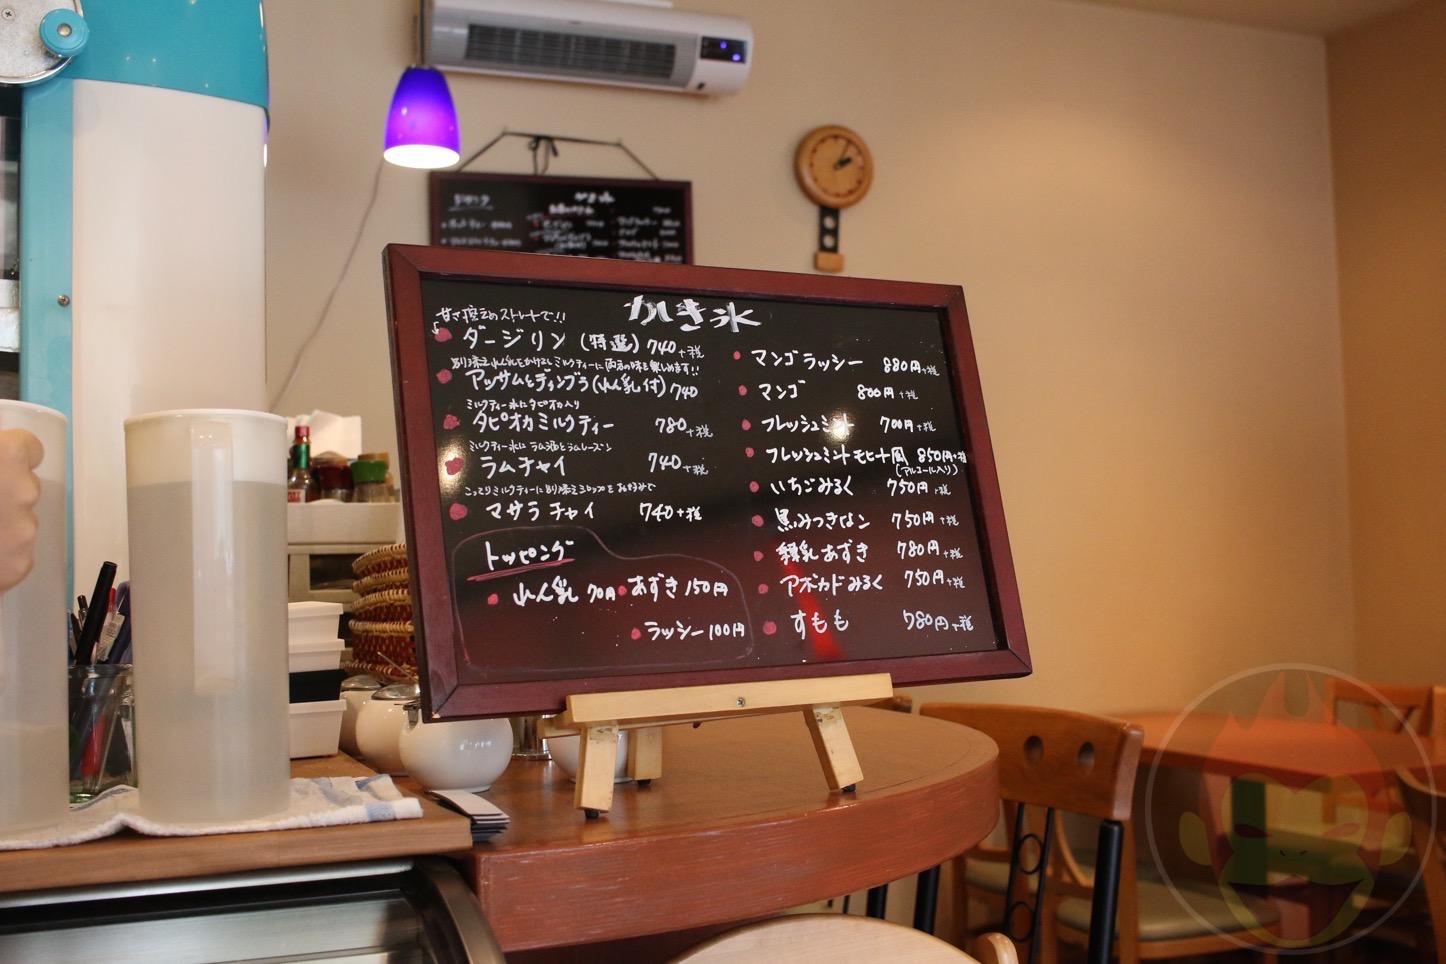 紅茶専門店「ティーハウスマユール」のかき氷